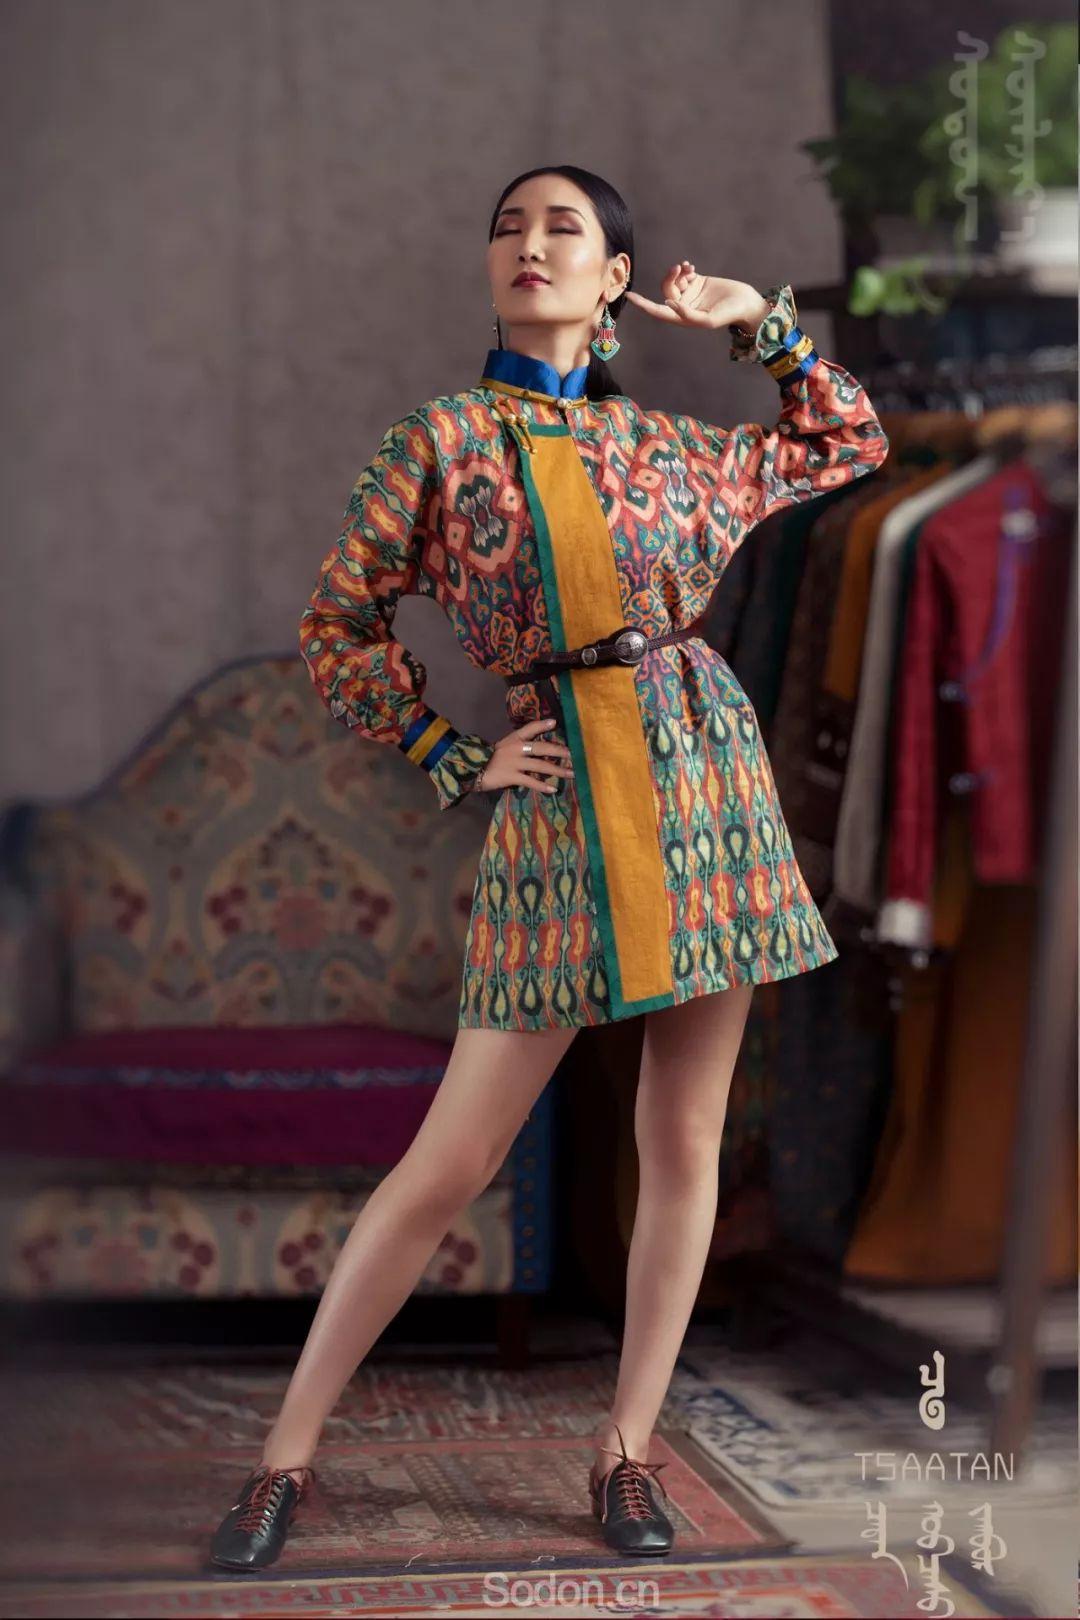 TSAATAN蒙古时装 2019新款,来自驯鹿人的独特魅力! 第74张